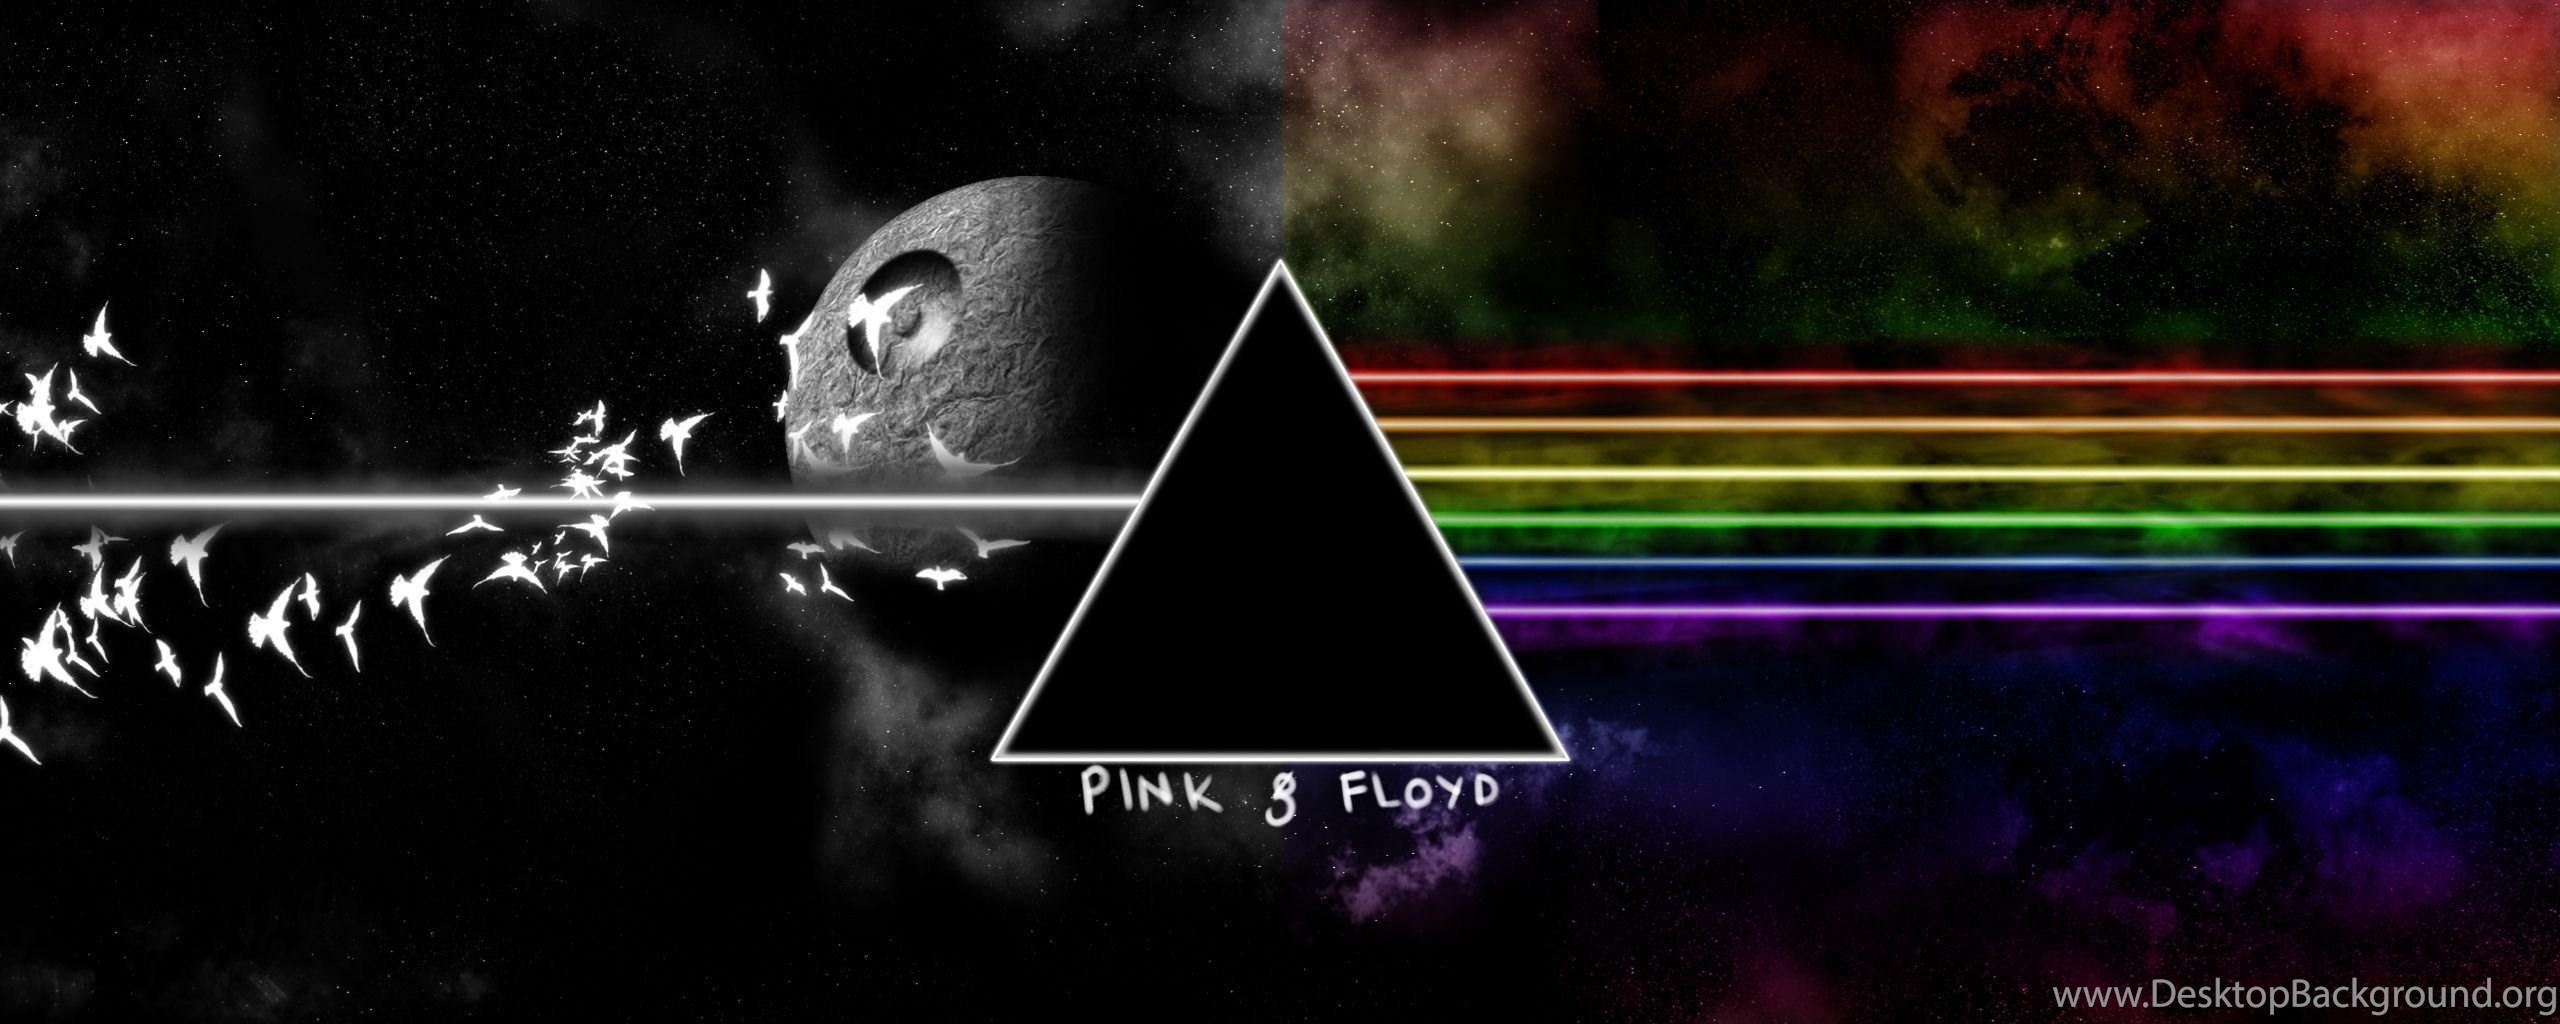 Pink Floyd Rainbows Dark Side Of The Moon Fresh New Hd